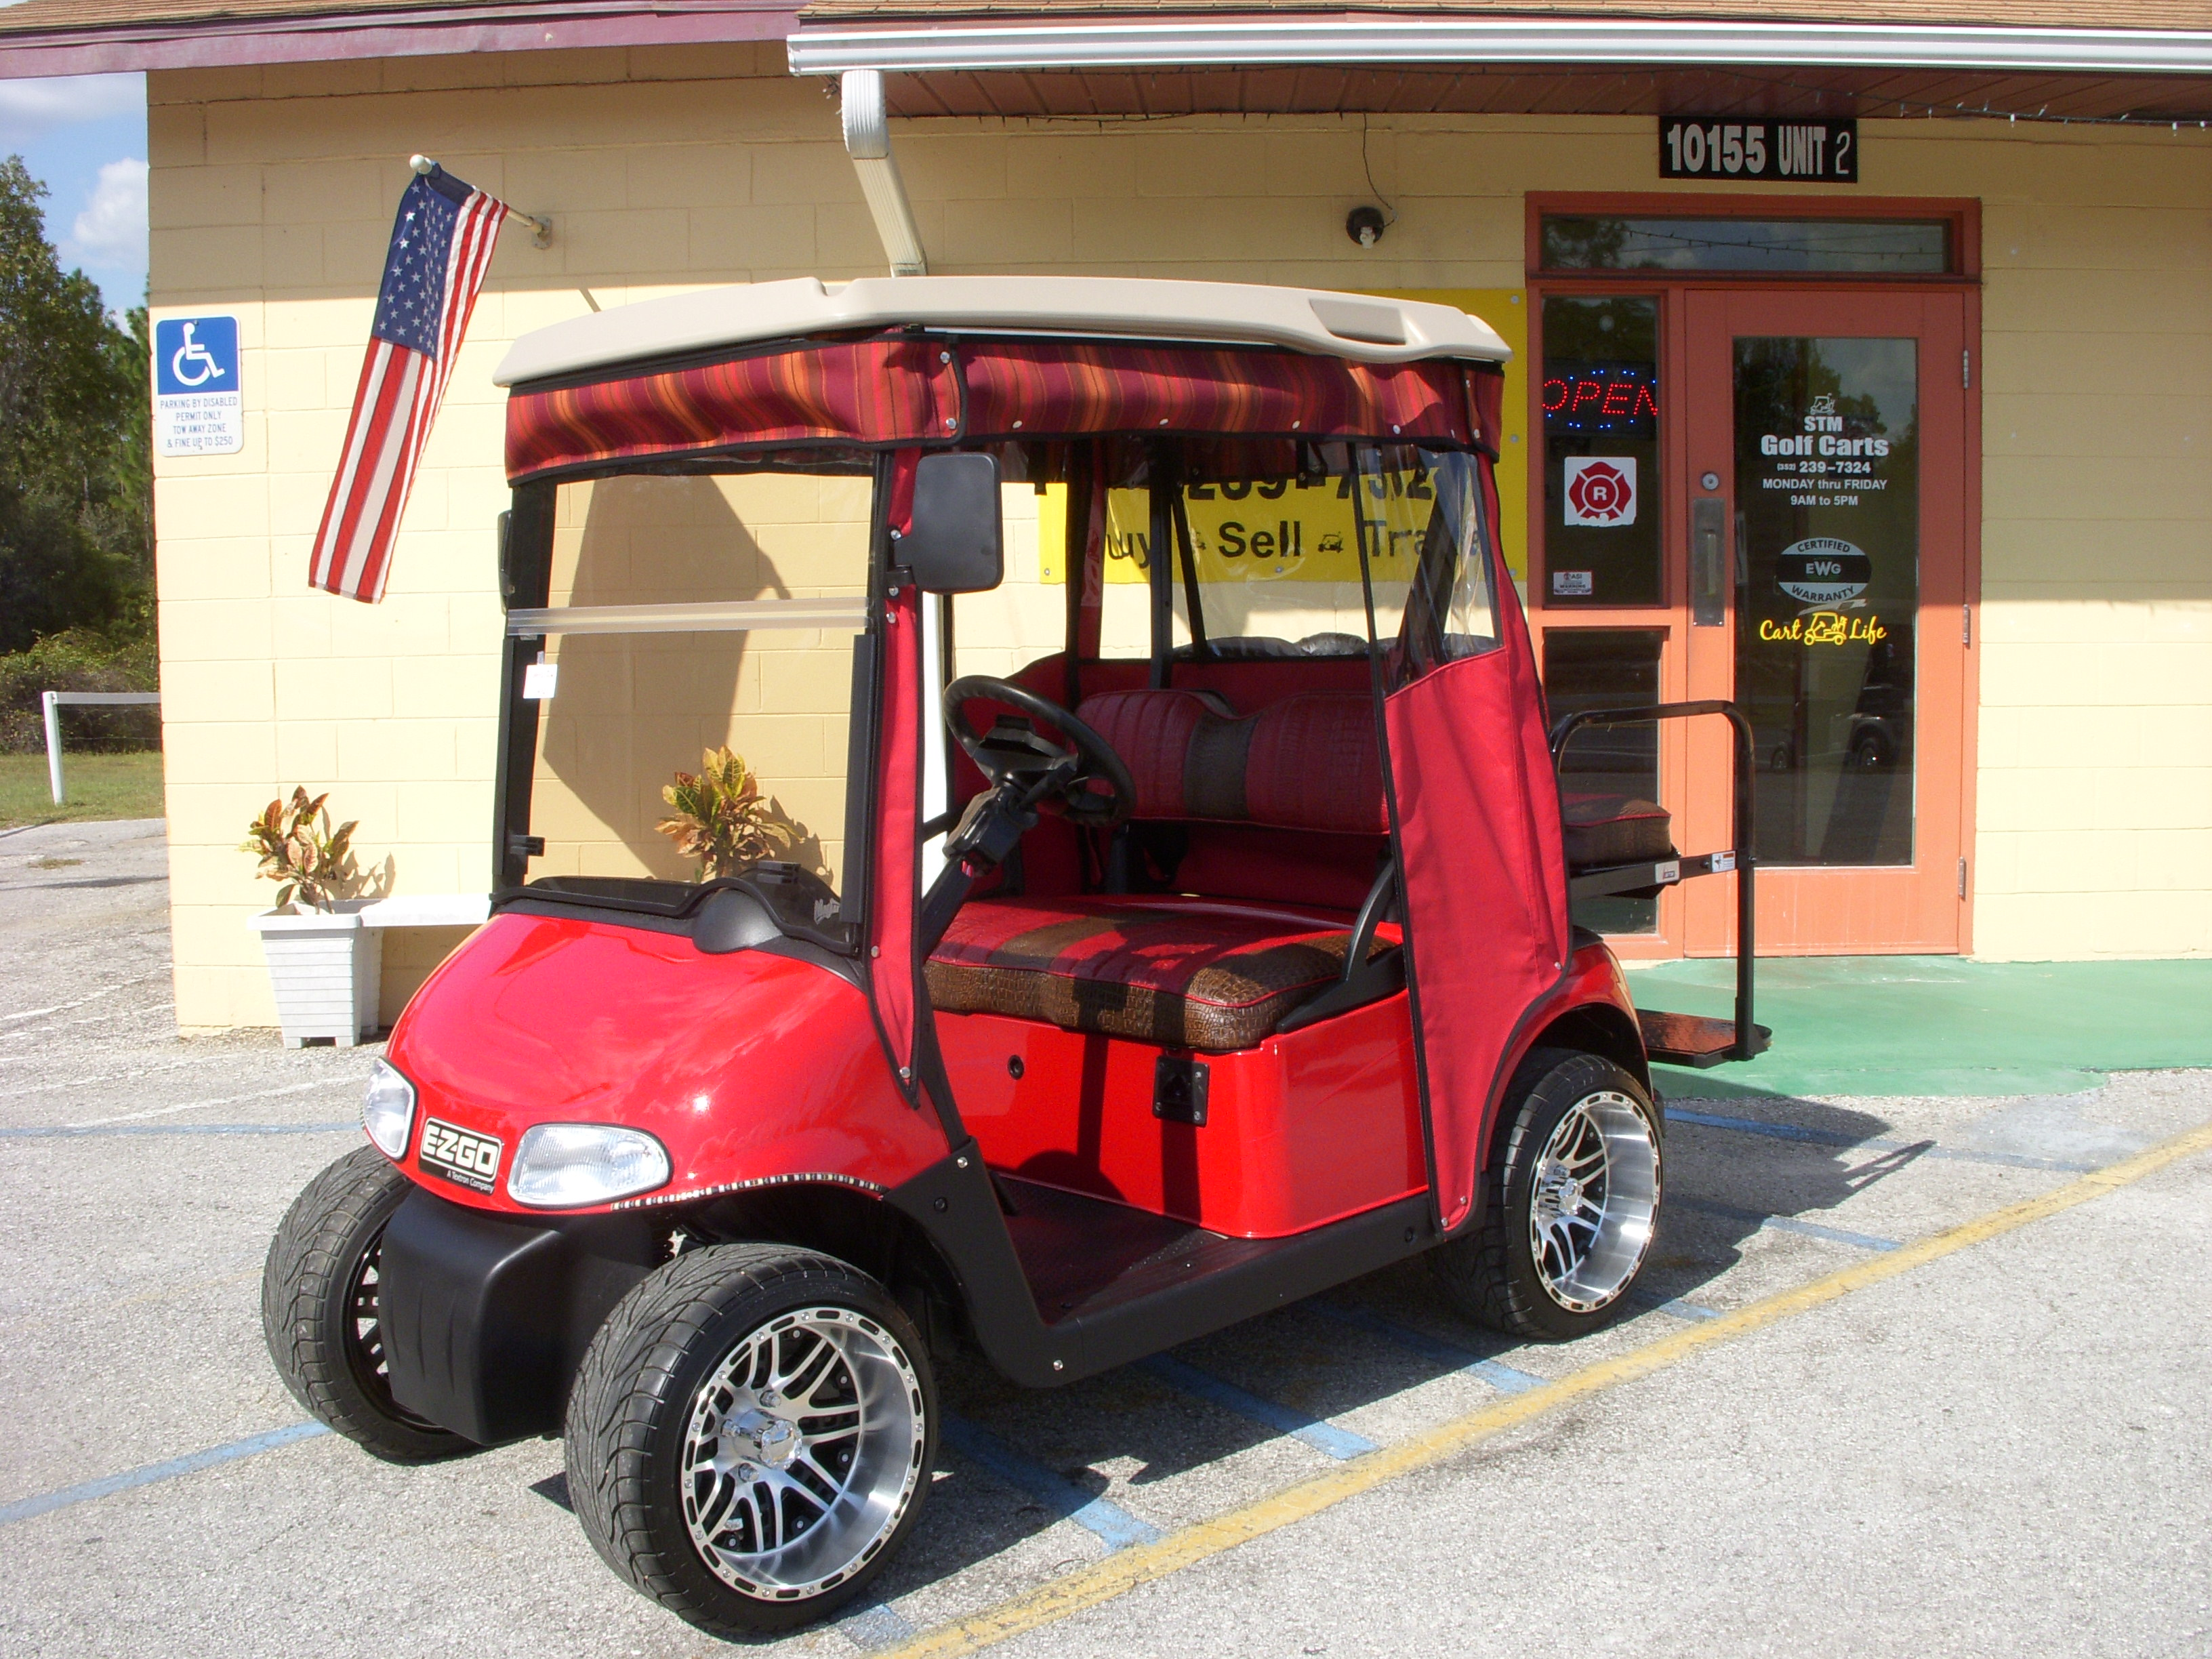 STM Golf Carts image 3